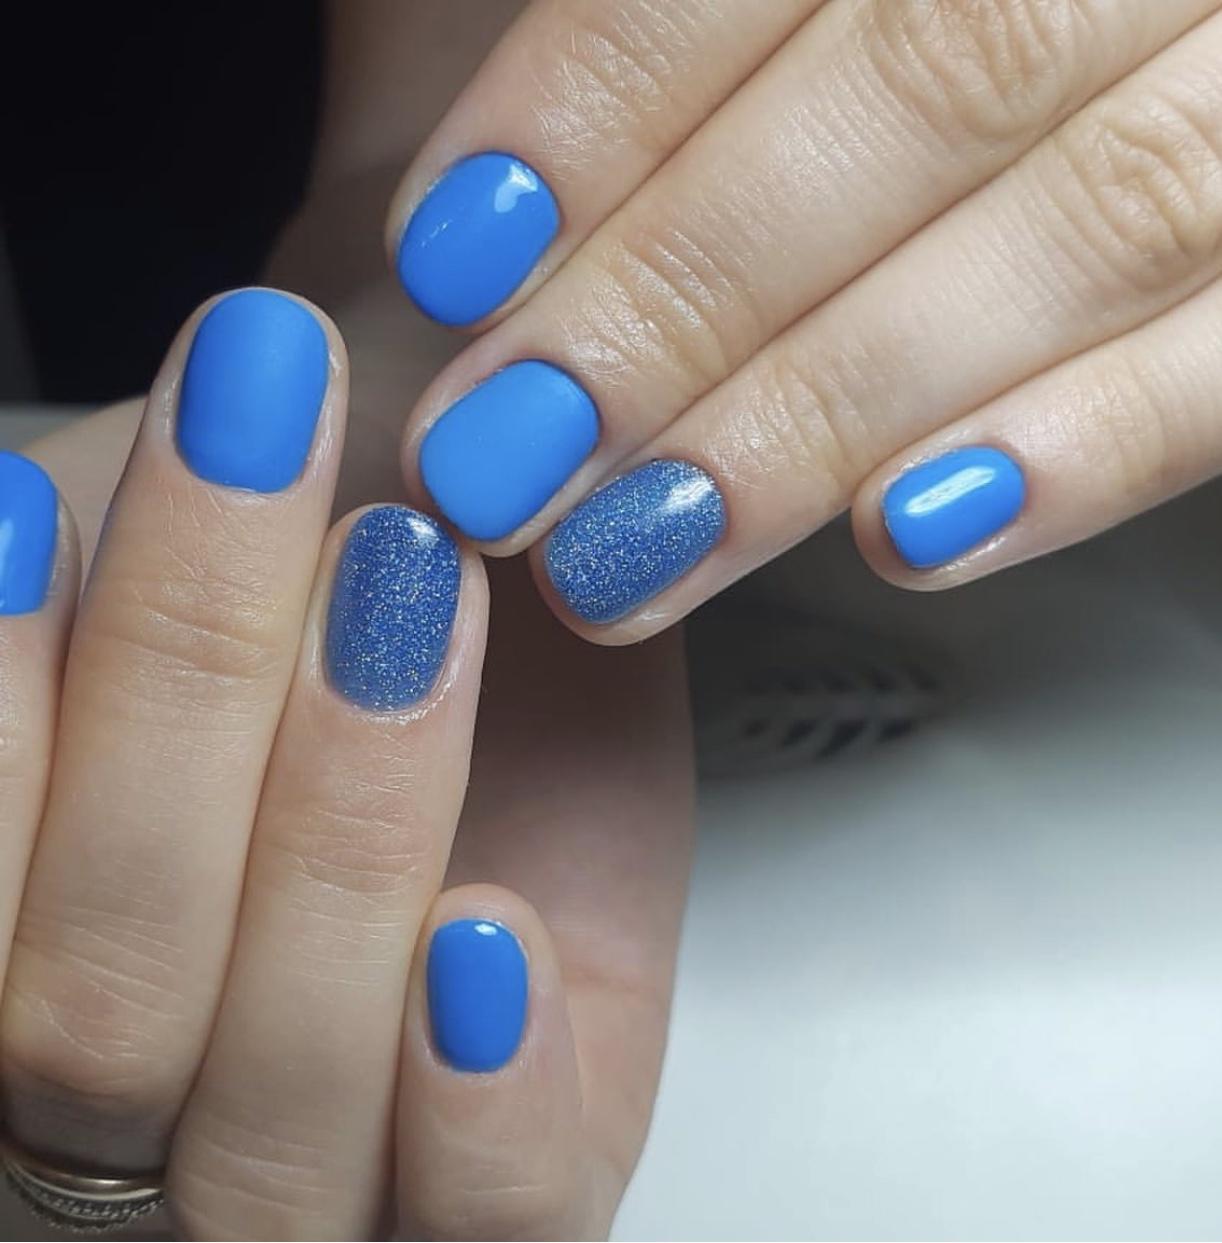 Маникюр с блестками в голубом цвете на короткие ногти.